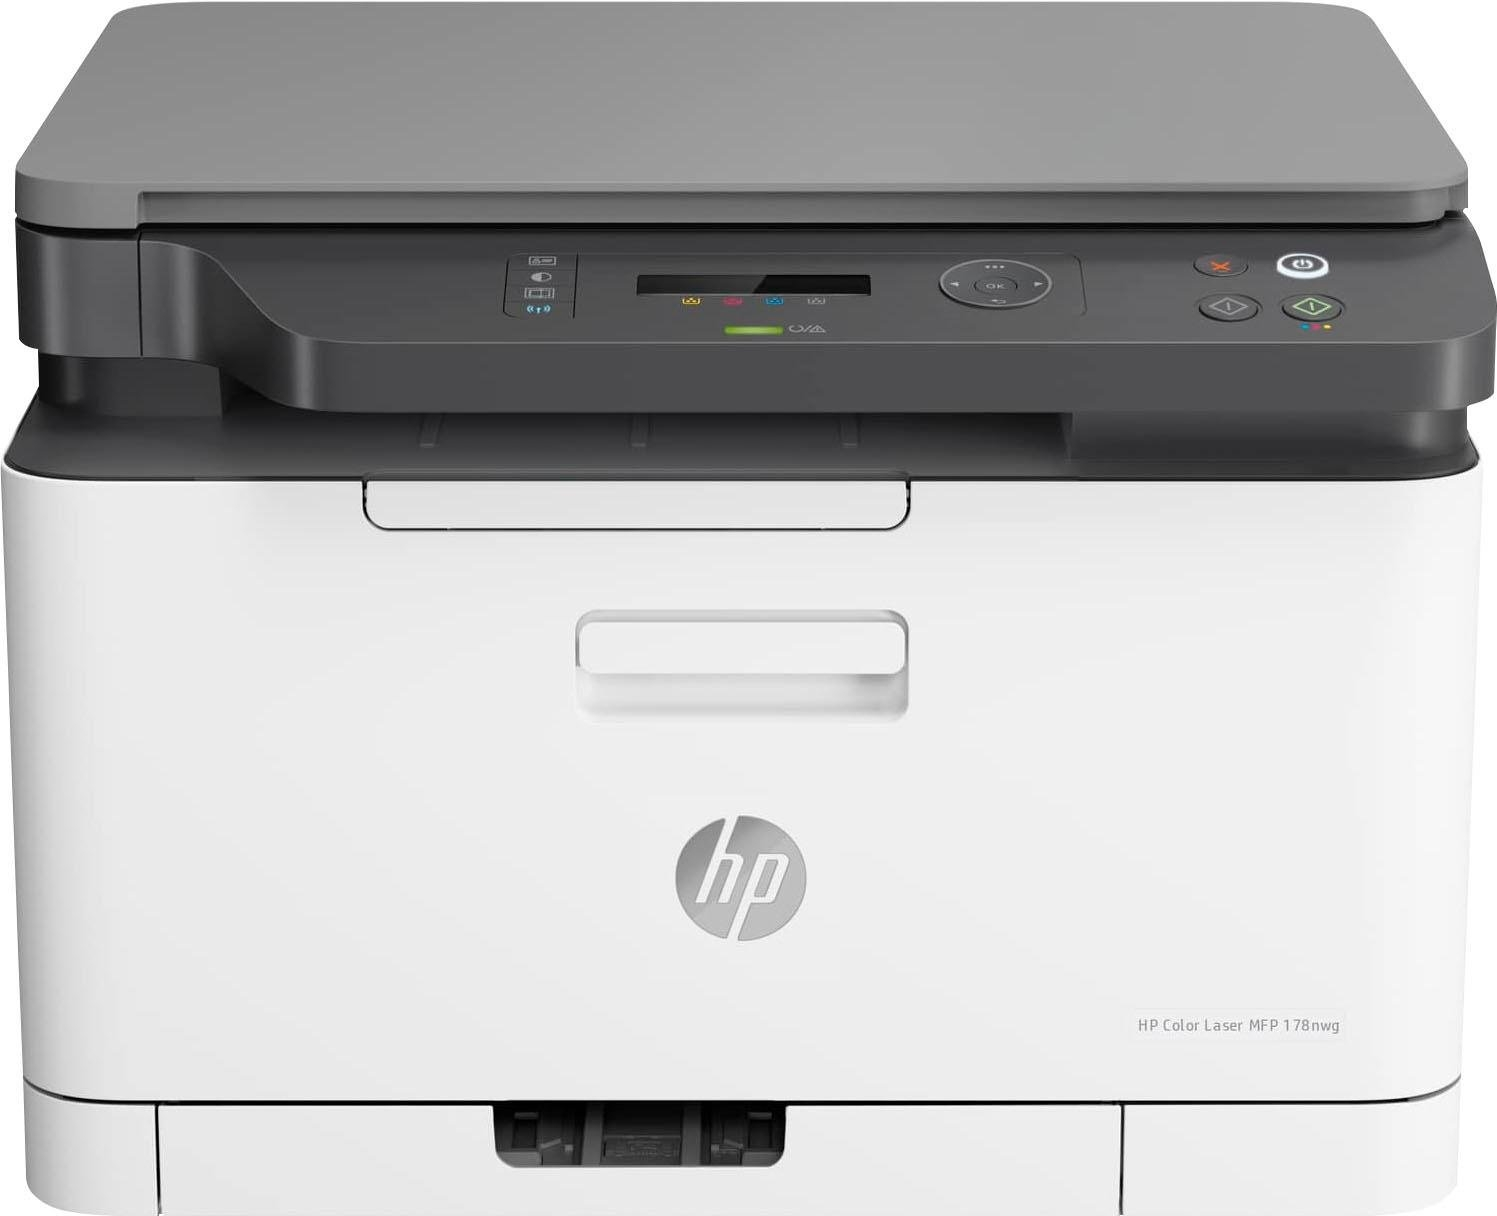 HP »Color Laser MFP 178nwg« kleurenlaserprinter - gratis ruilen op otto.nl